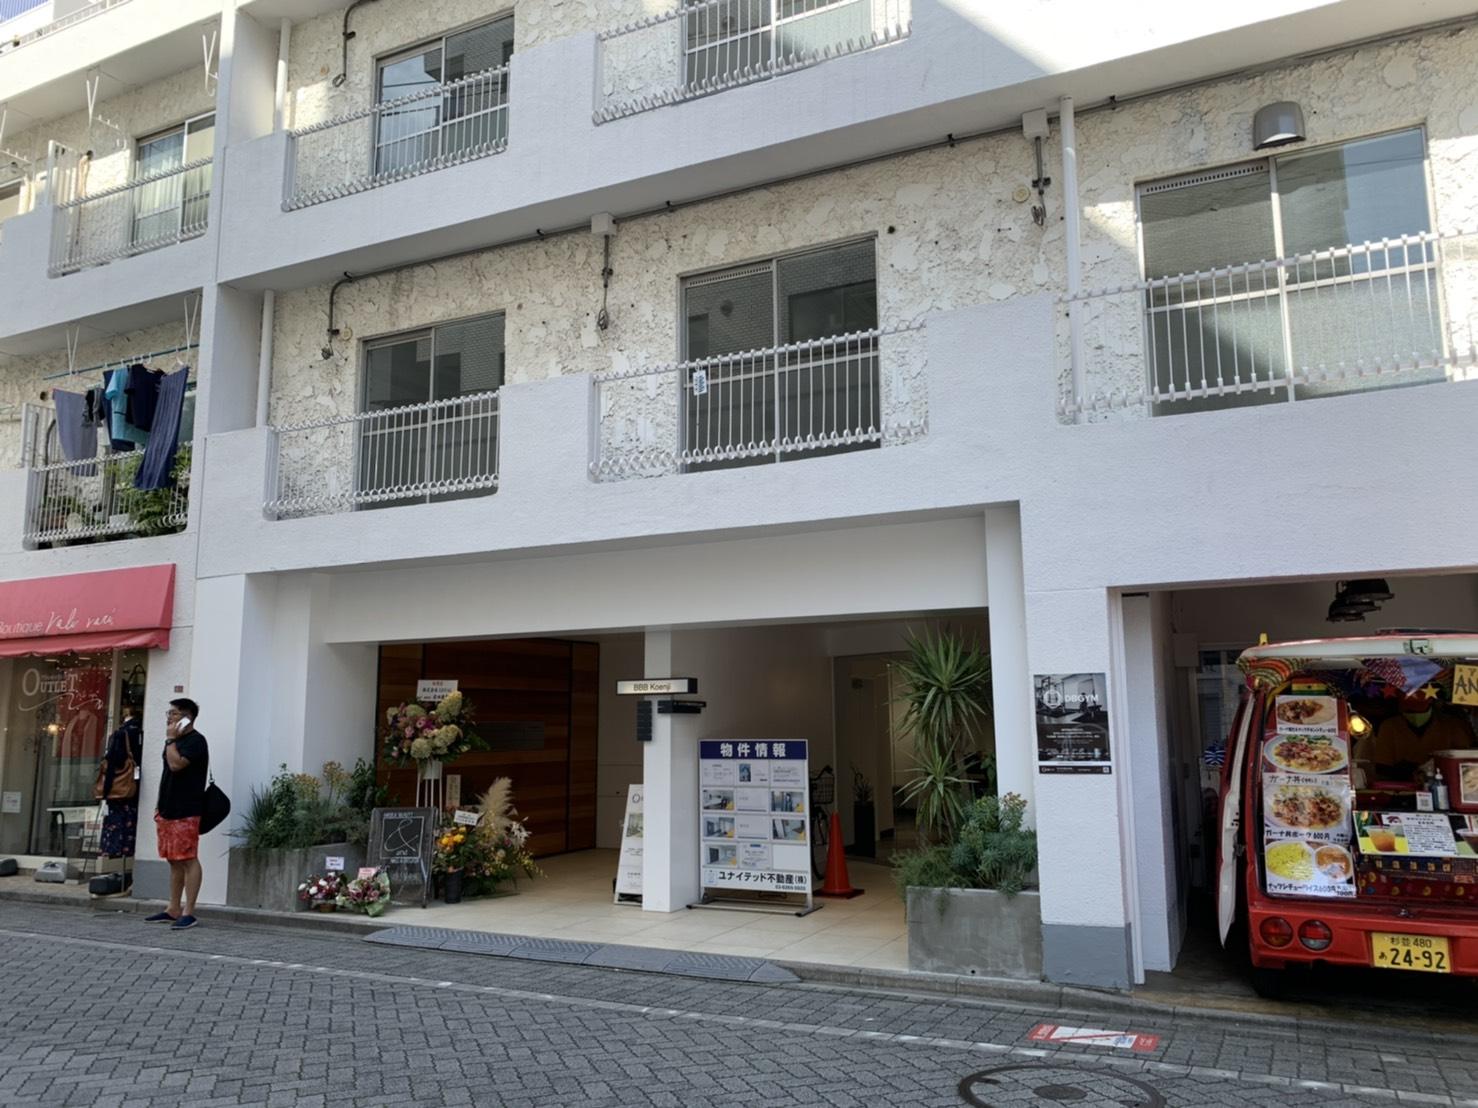 アップルジム高円寺店までの道のり4・突き当りの白いビルの2階が店舗です。